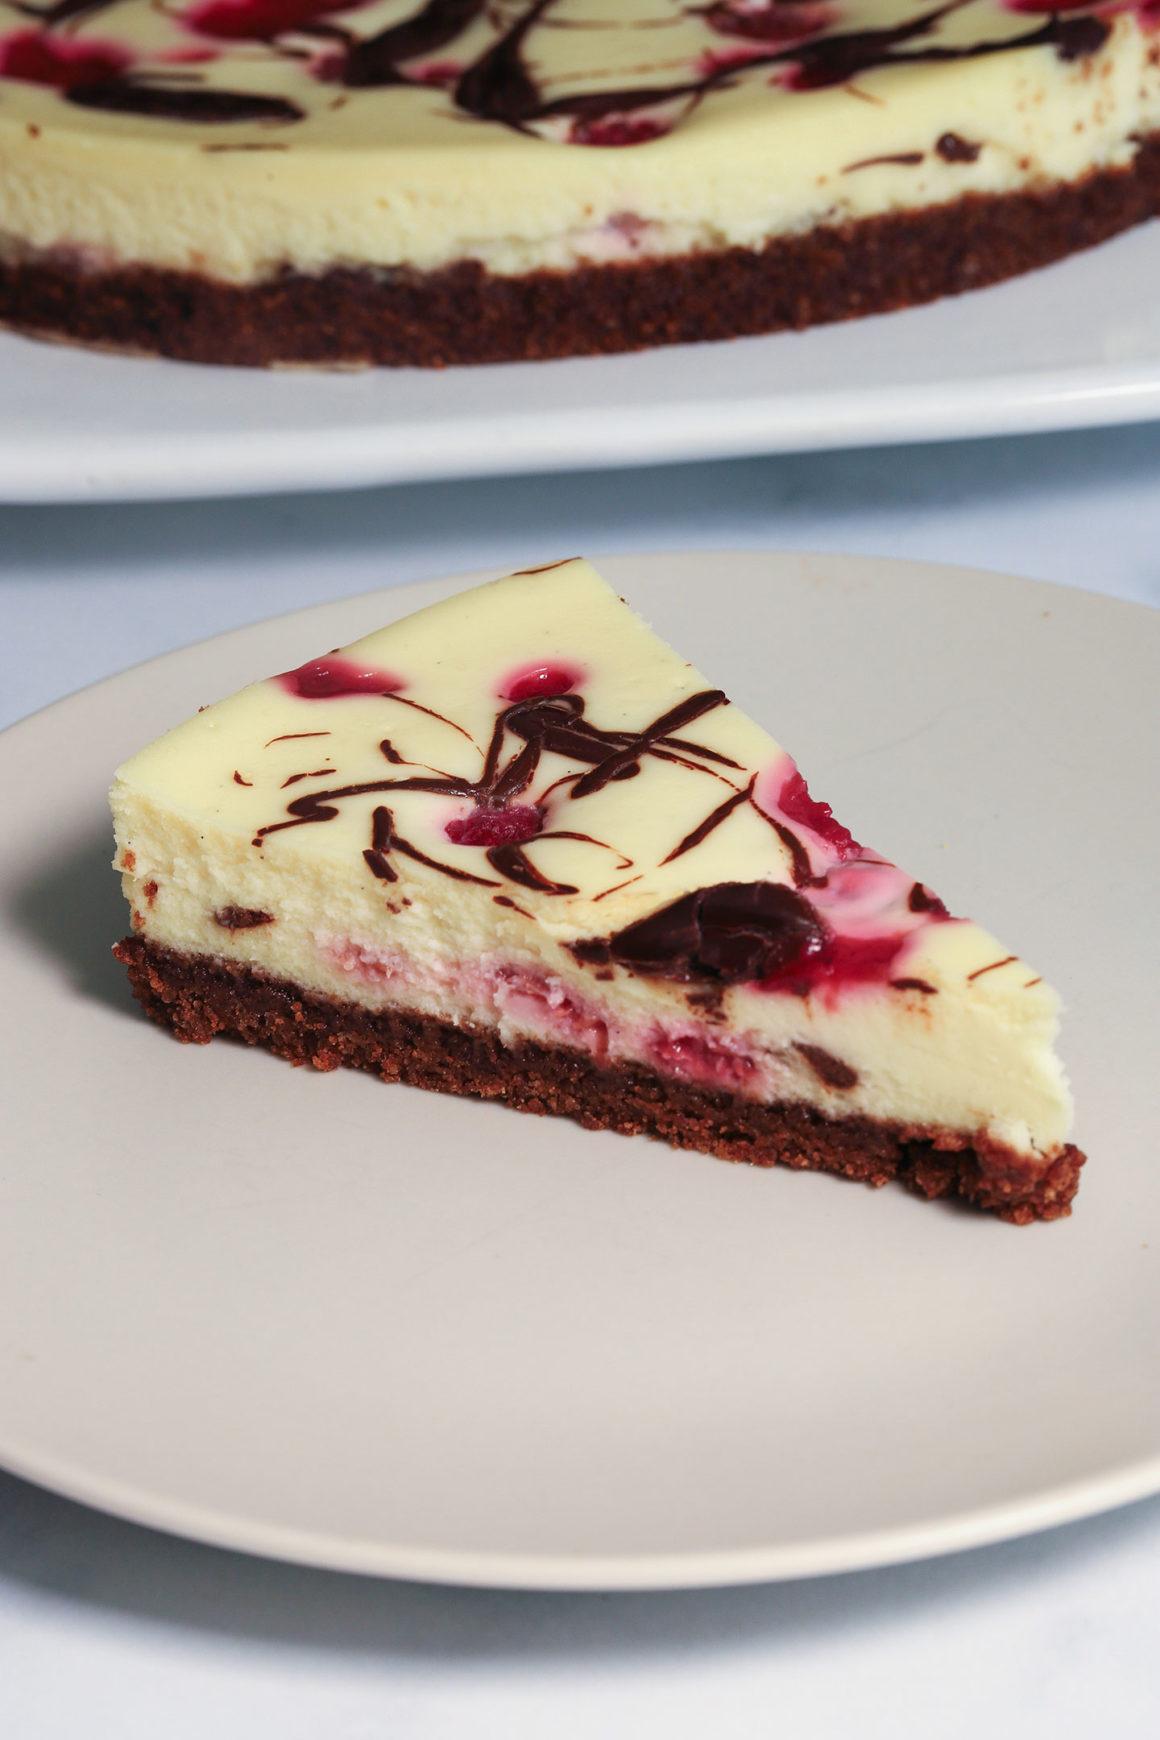 Raspberry Chocolate Cheesecake Slice Bright